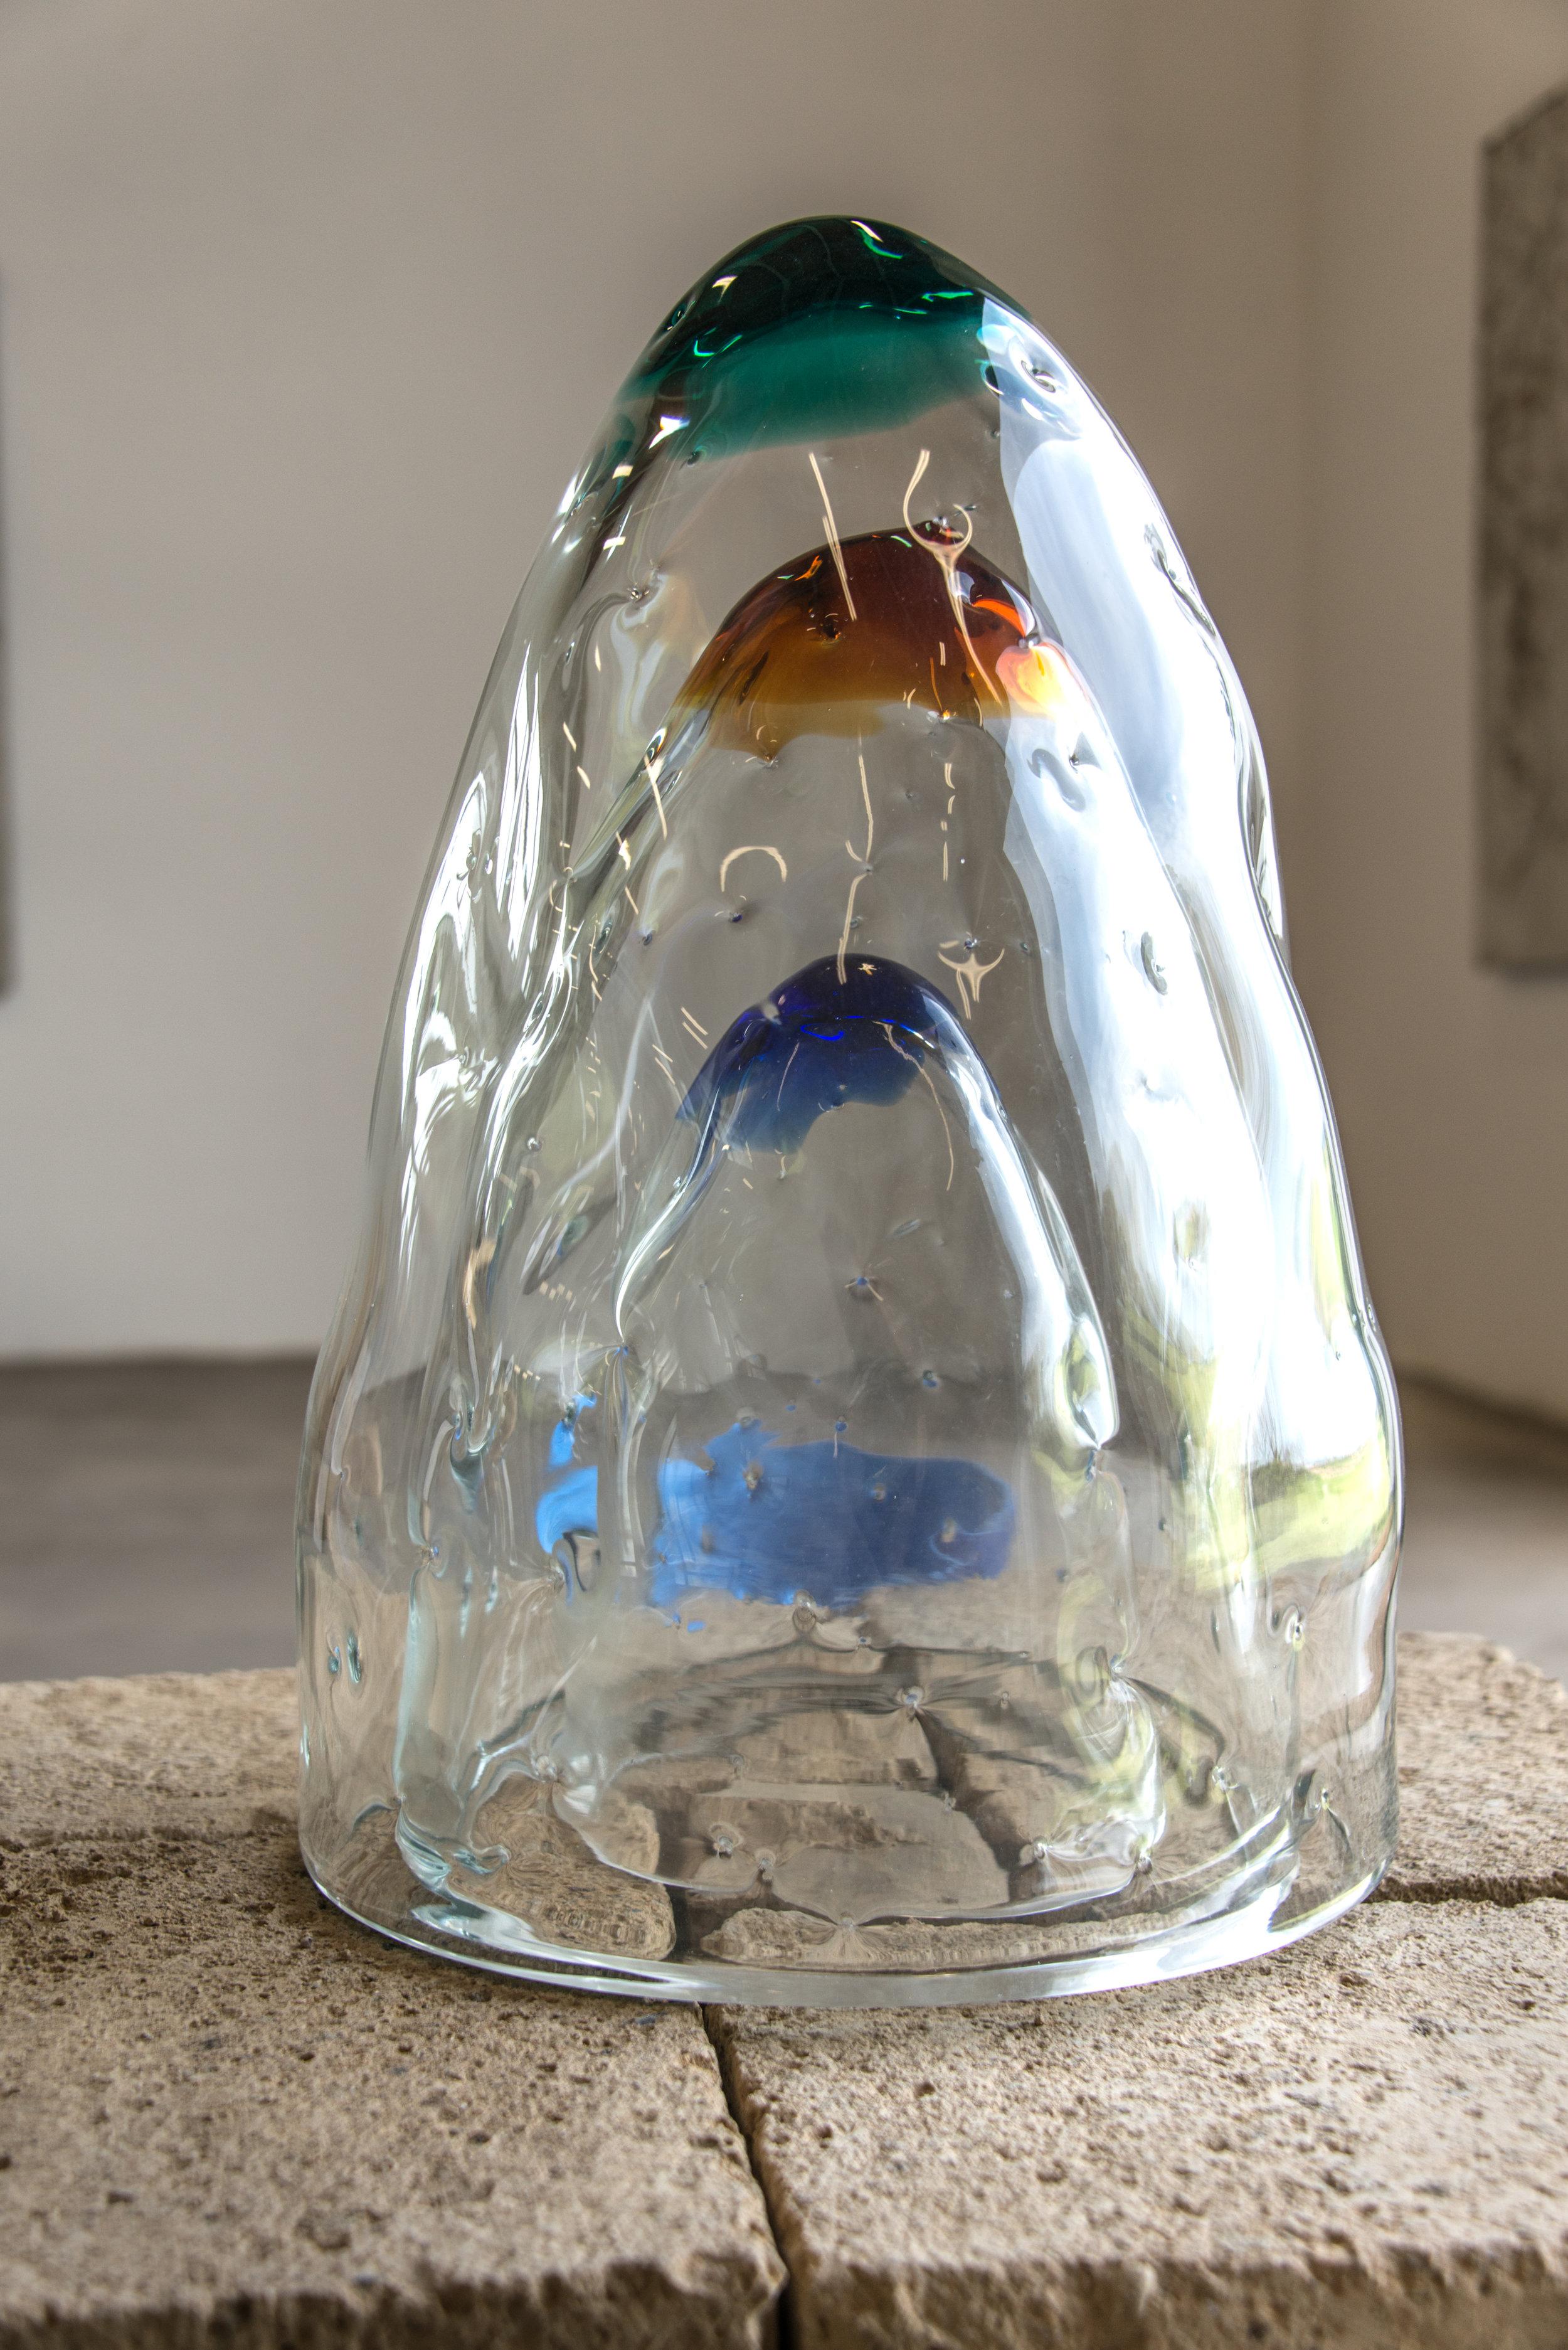 Tristano di Robilant   Milleseicento , 2018 Blown Glass